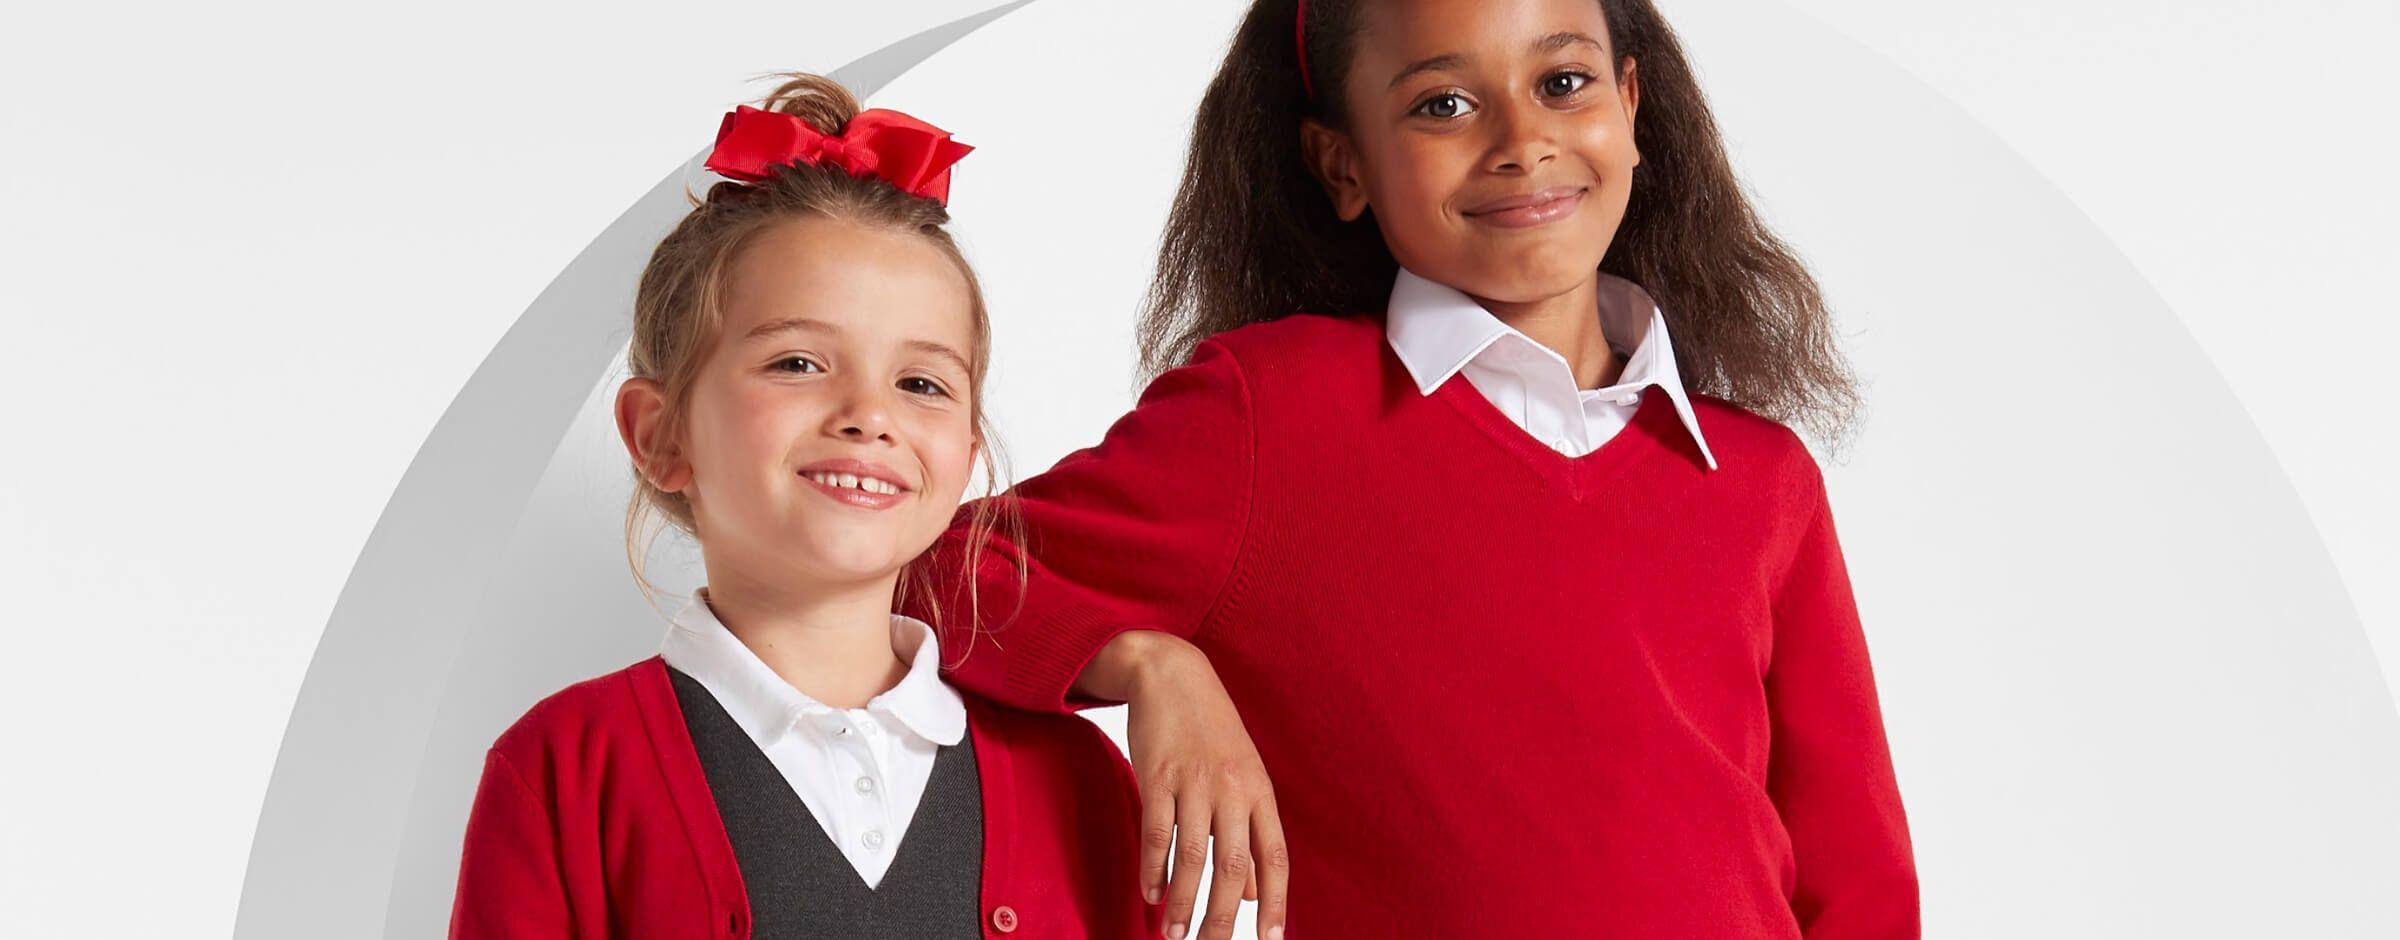 6e67e06c0 How to shop for school uniform